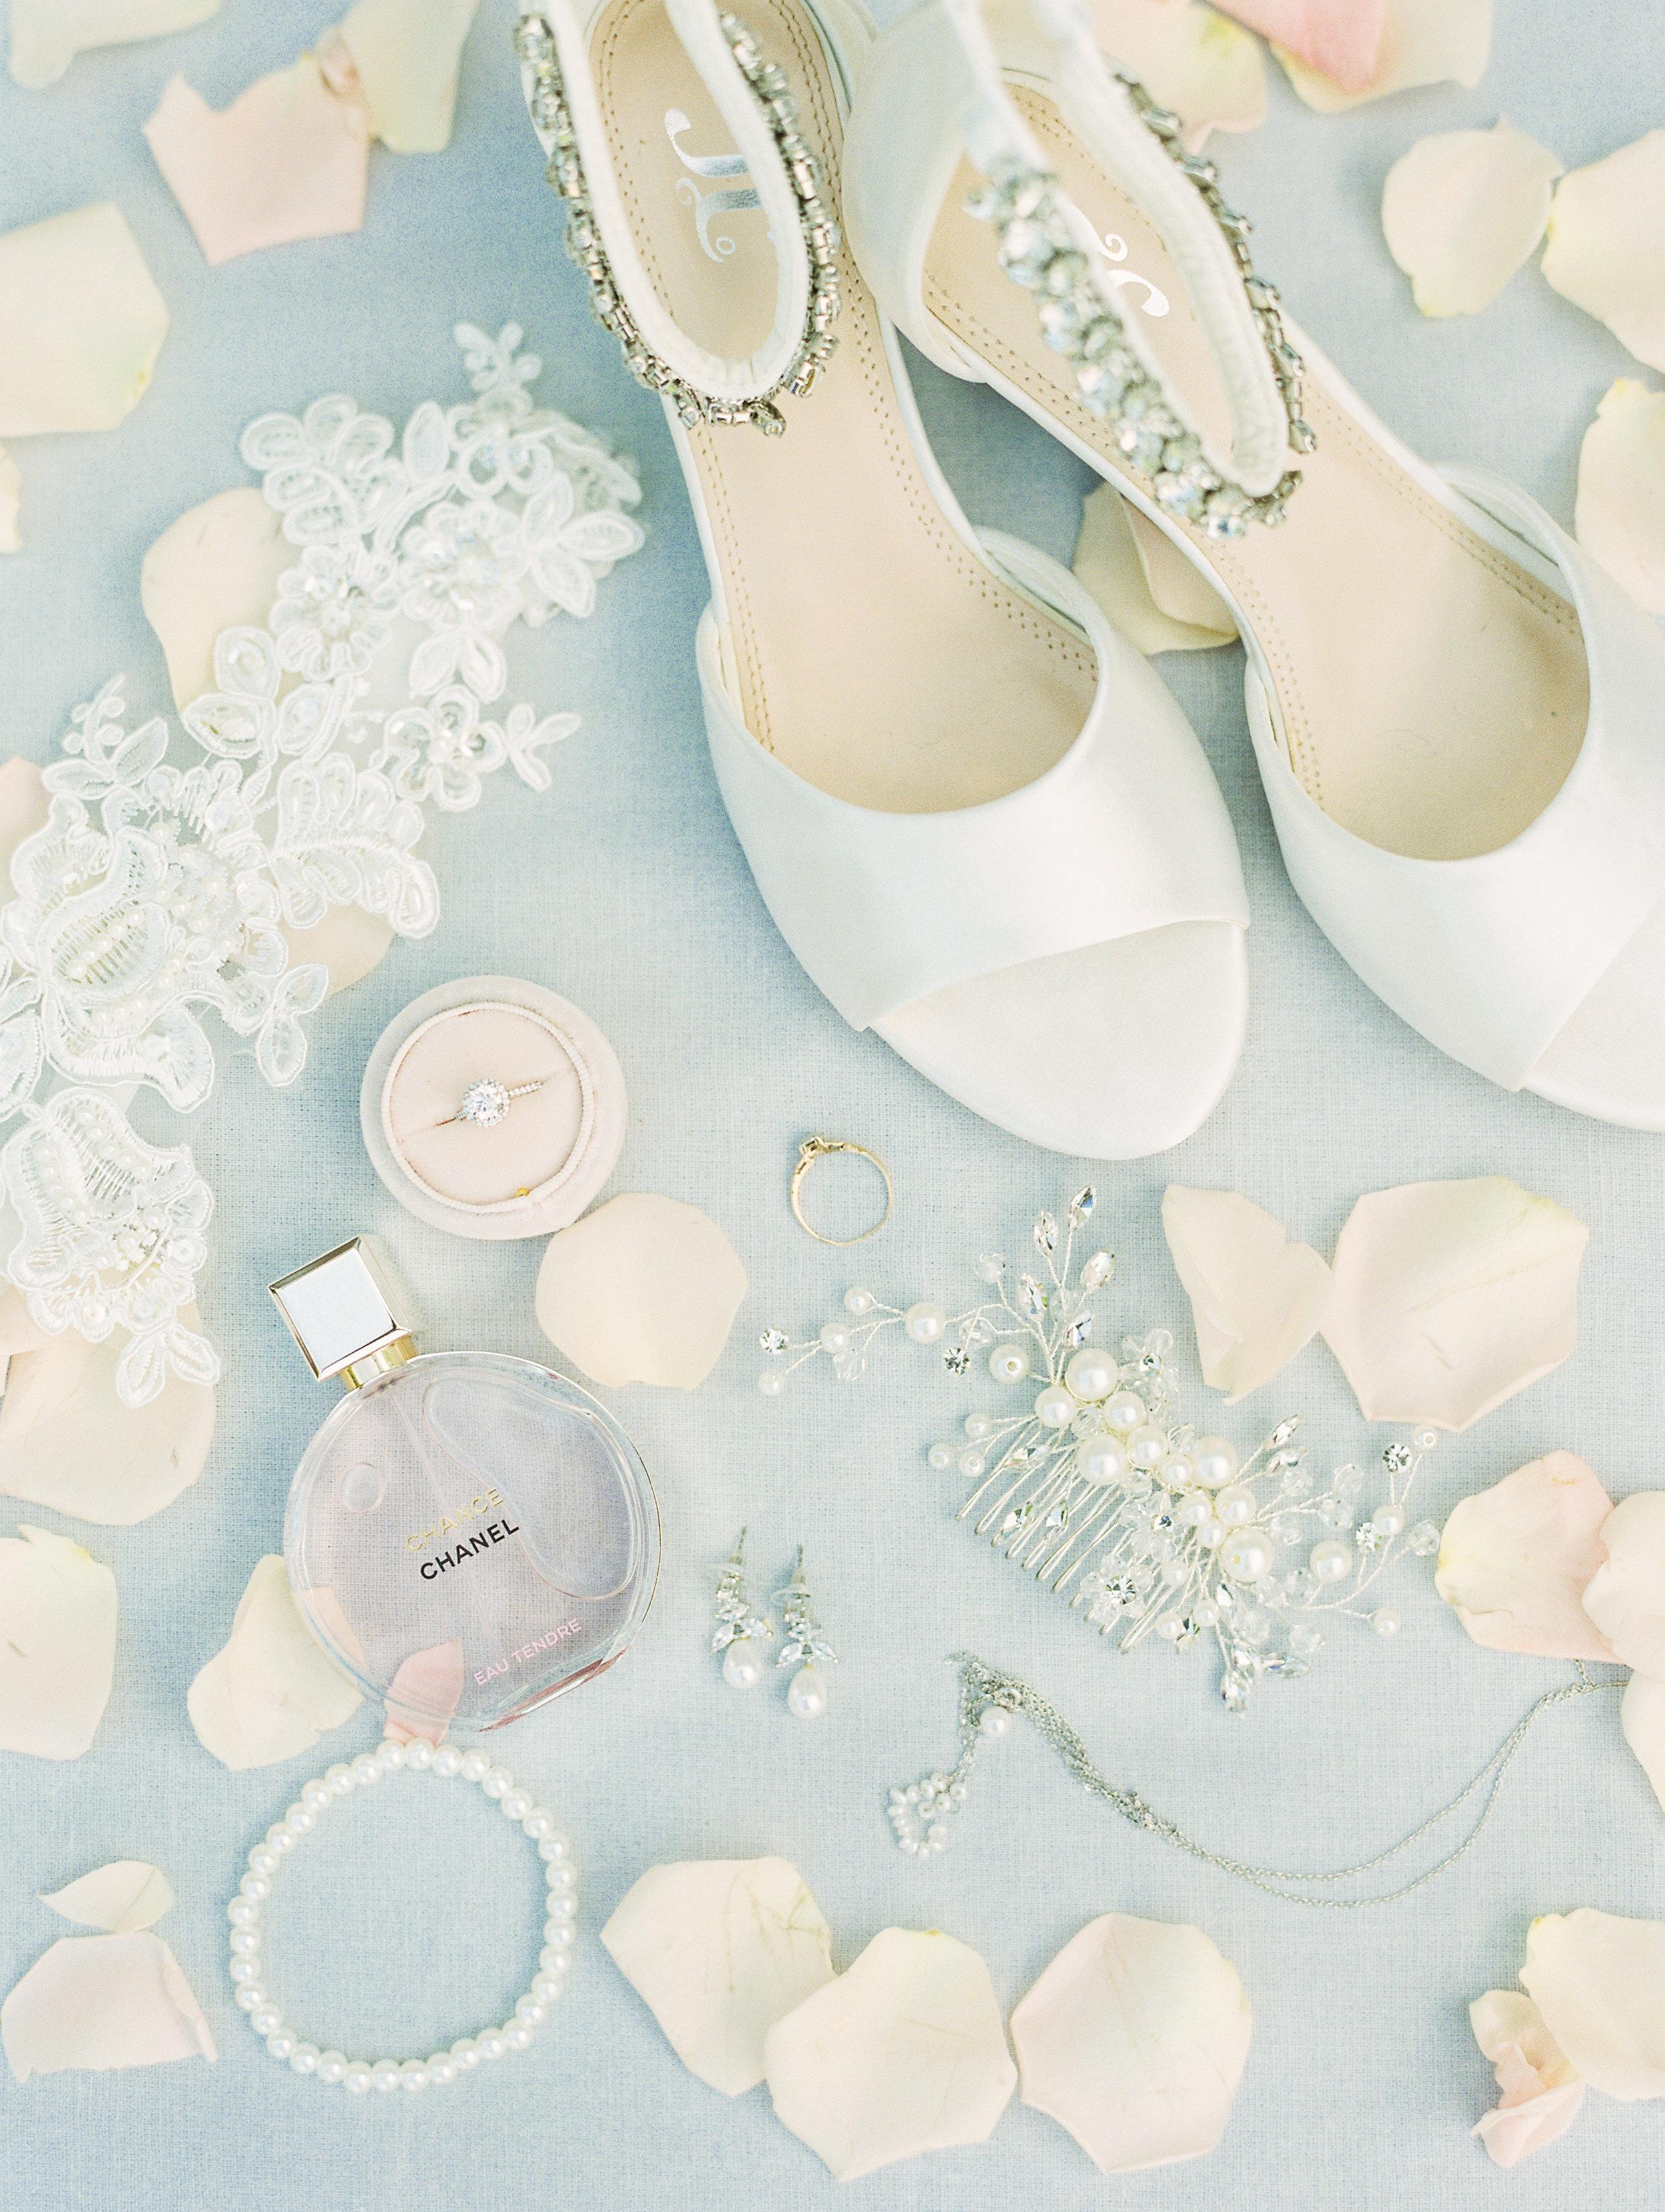 Cupp+Wedding+Detailsf-16.jpg